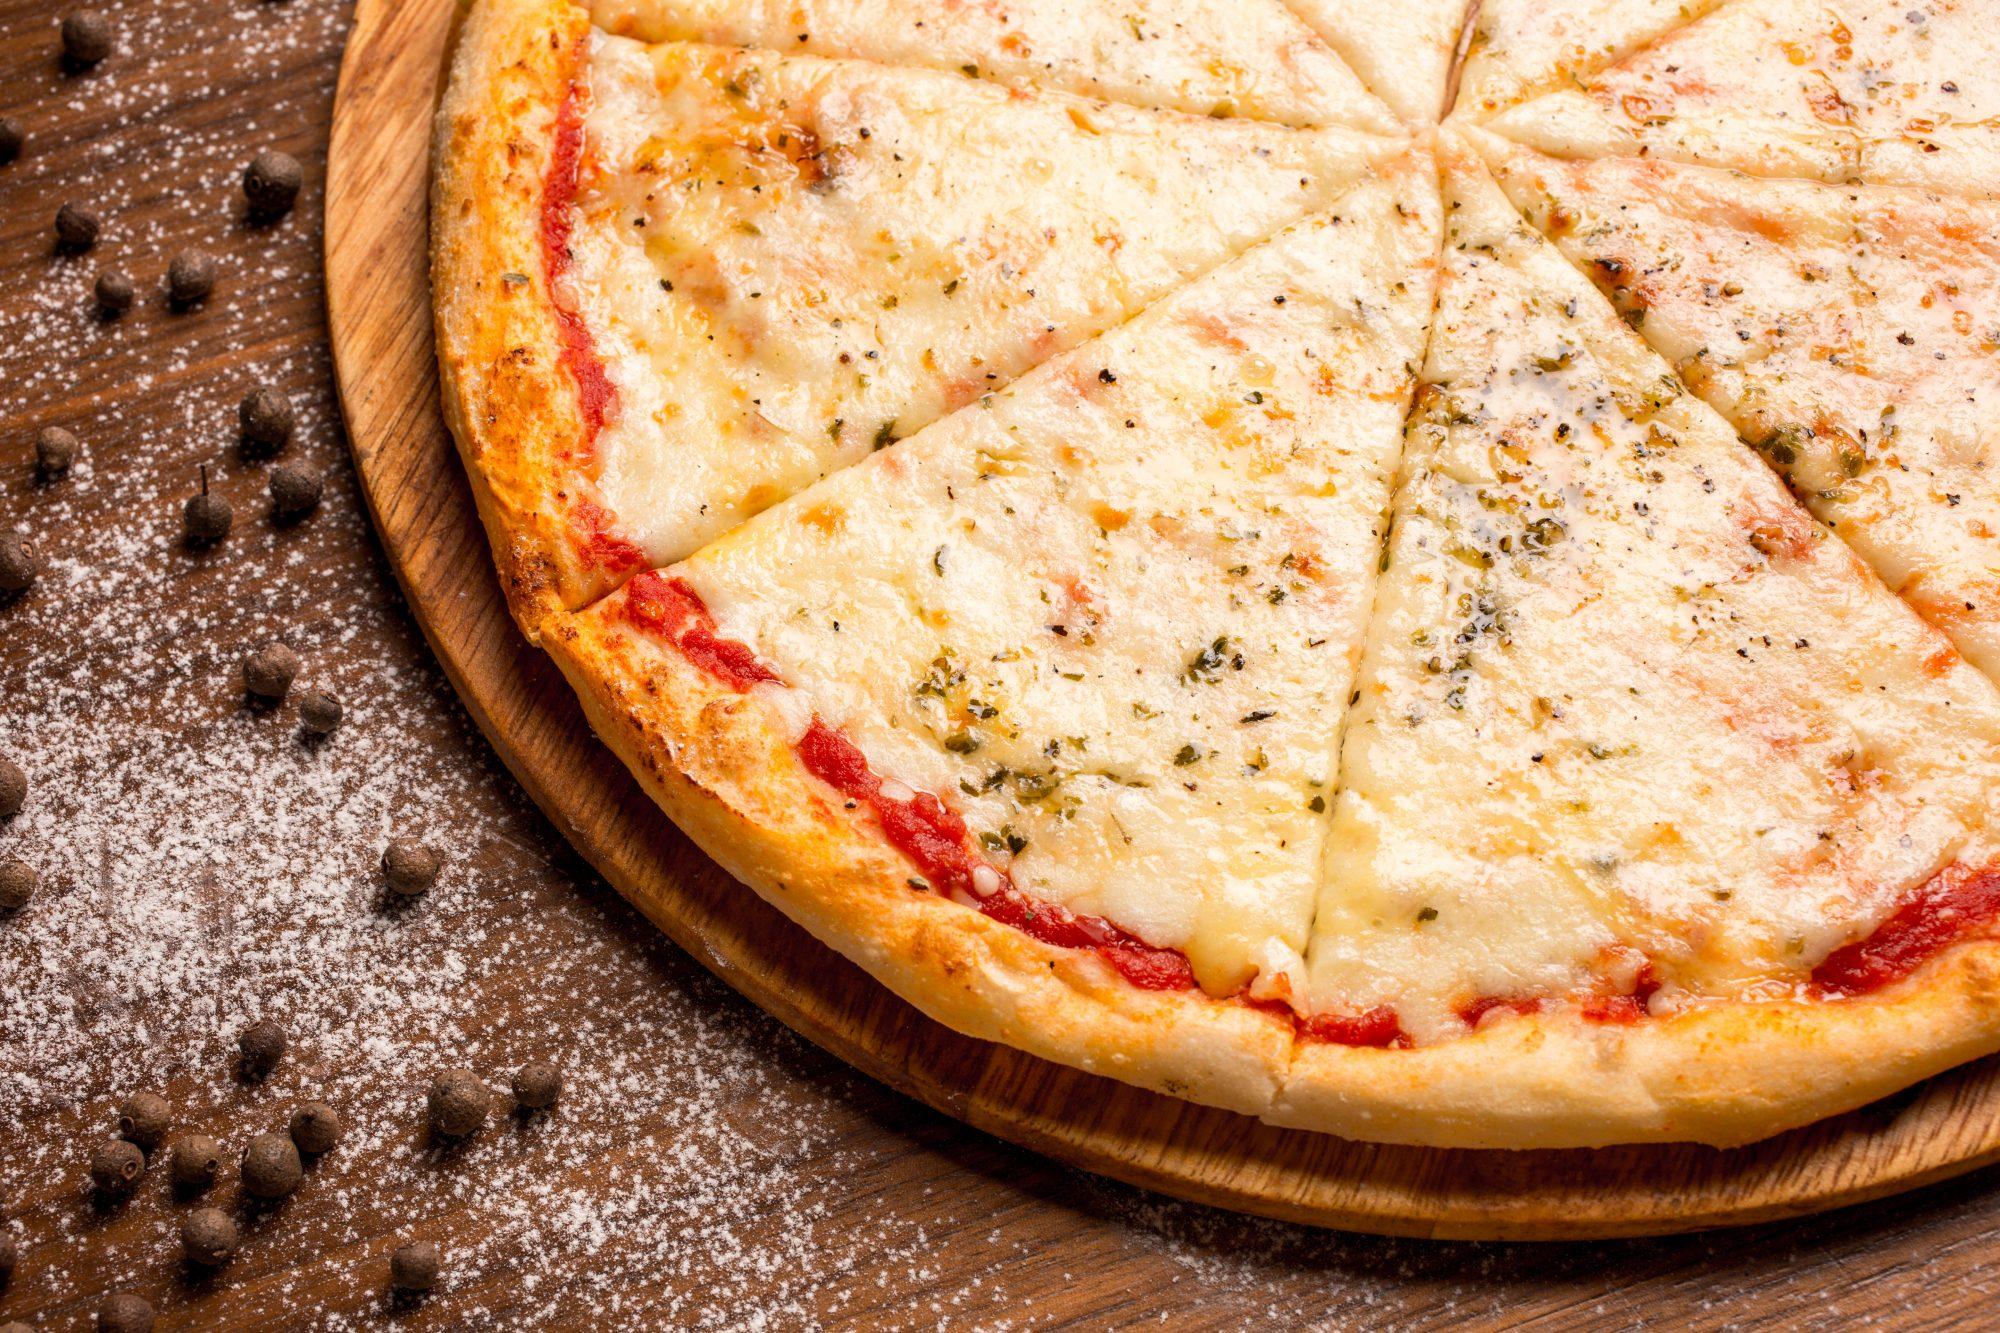 getty pizza 020819